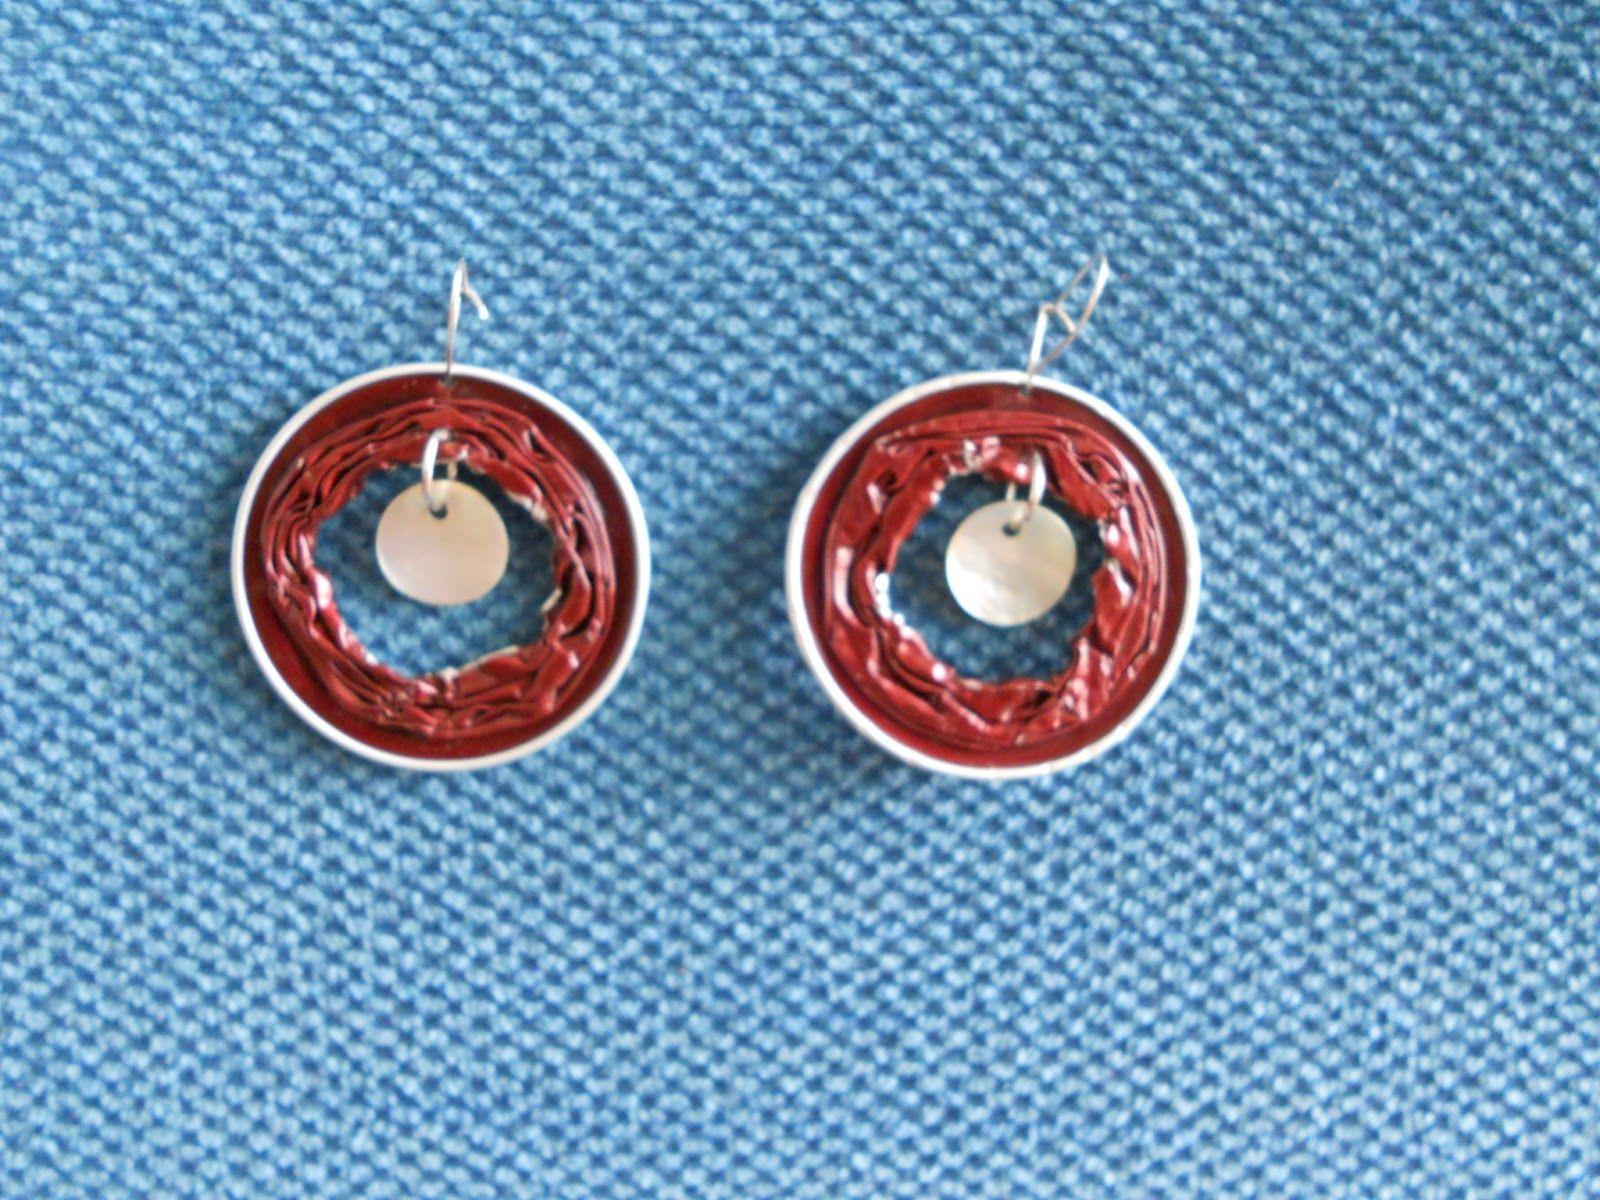 Épinglé par daubin nora sur capsules 2 Boucle d'oreille